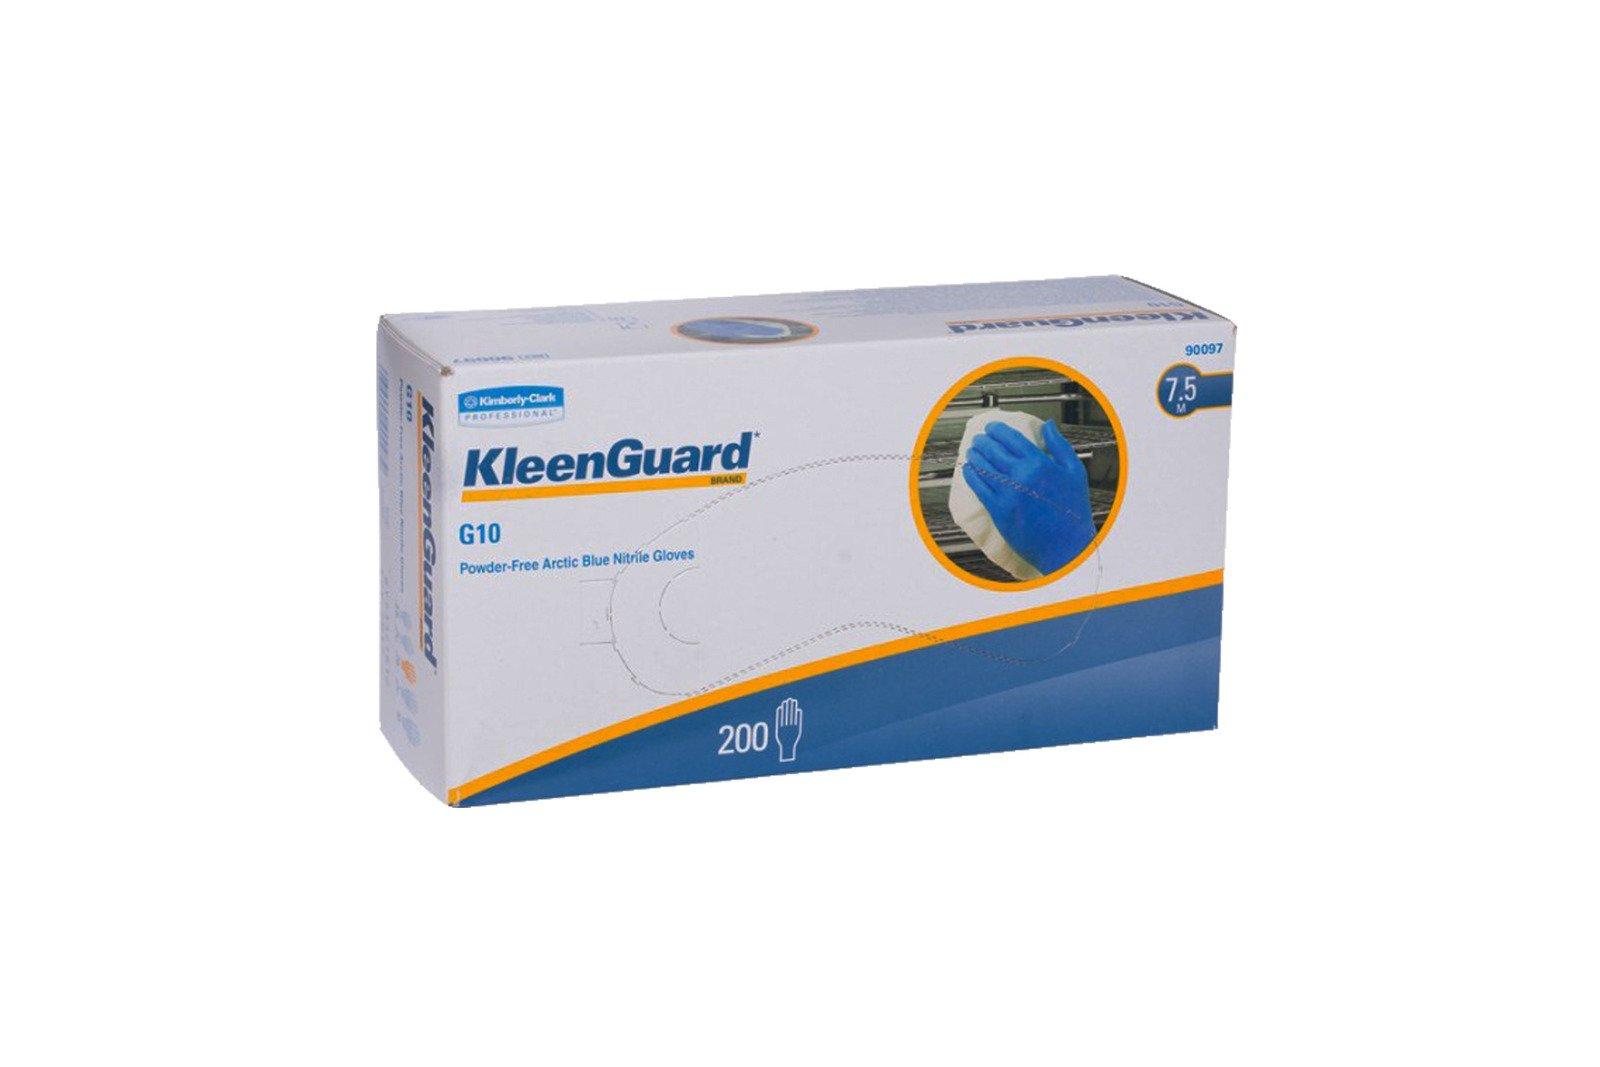 KleenGuard G10 Puderfreie arktisblaue Nitrilhandschuhe 7.5 Größe M 200 Stck